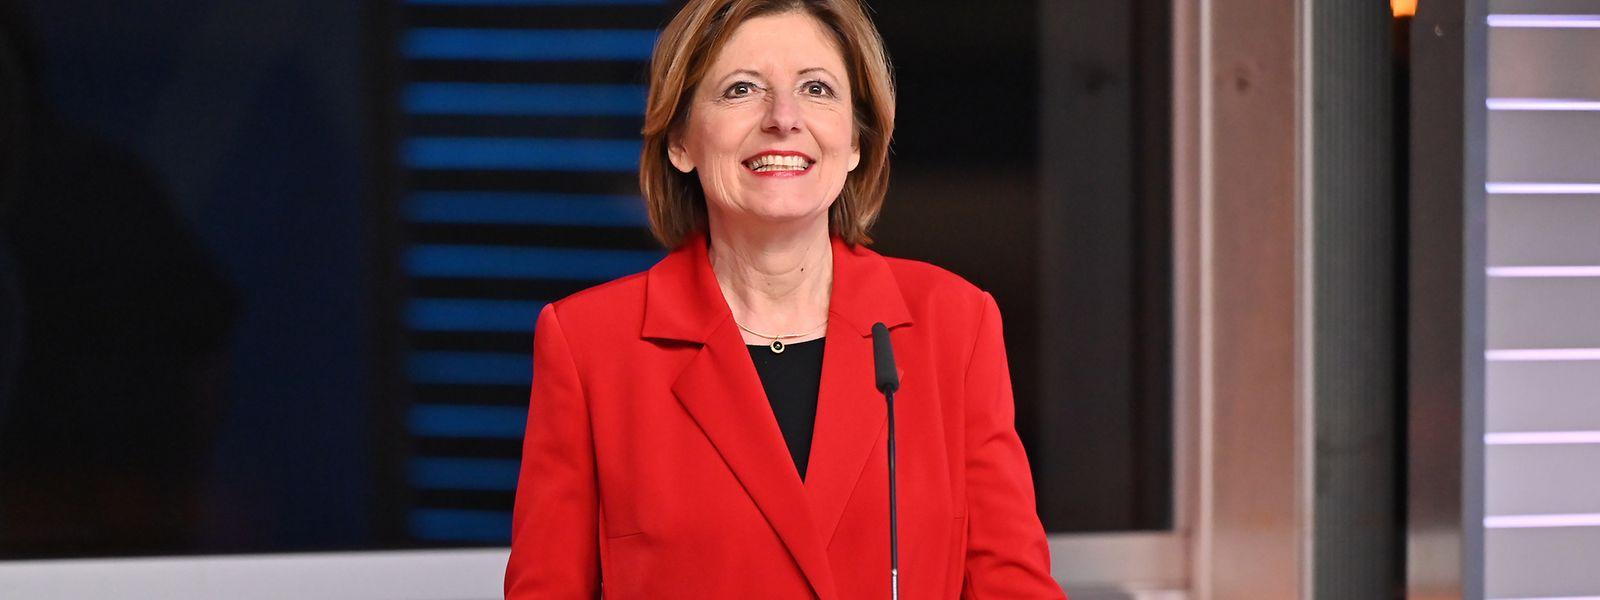 Malu Dreyer bleibt Ministerpräsidentin von Rheinland-Pfalz.